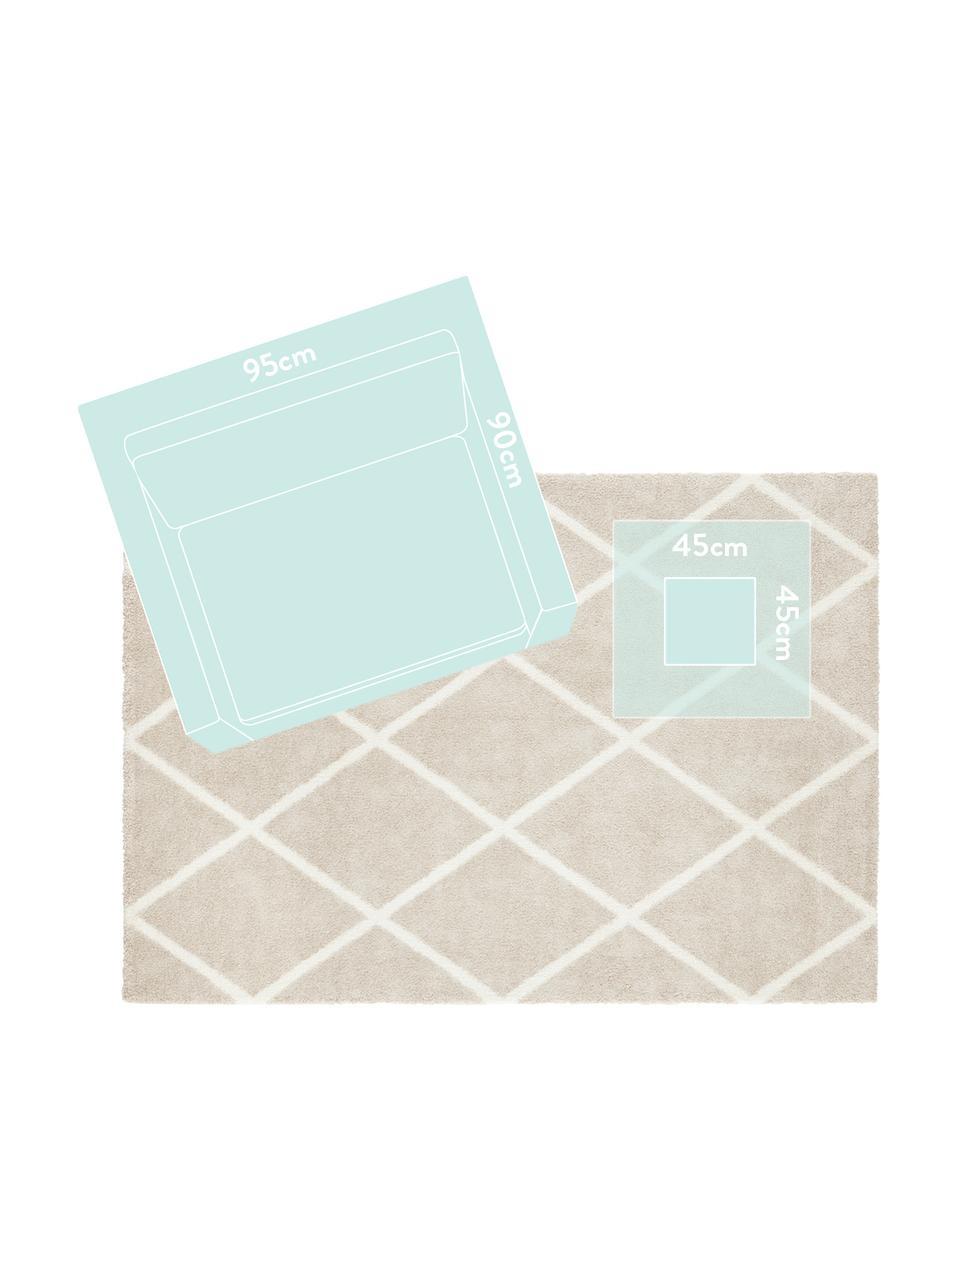 Teppich Lunel mit Rautenmuster, Flor: 85% Polypropylen, 15% Pol, Beige, Cremefarben, B 160 x L 230 cm (Größe M)